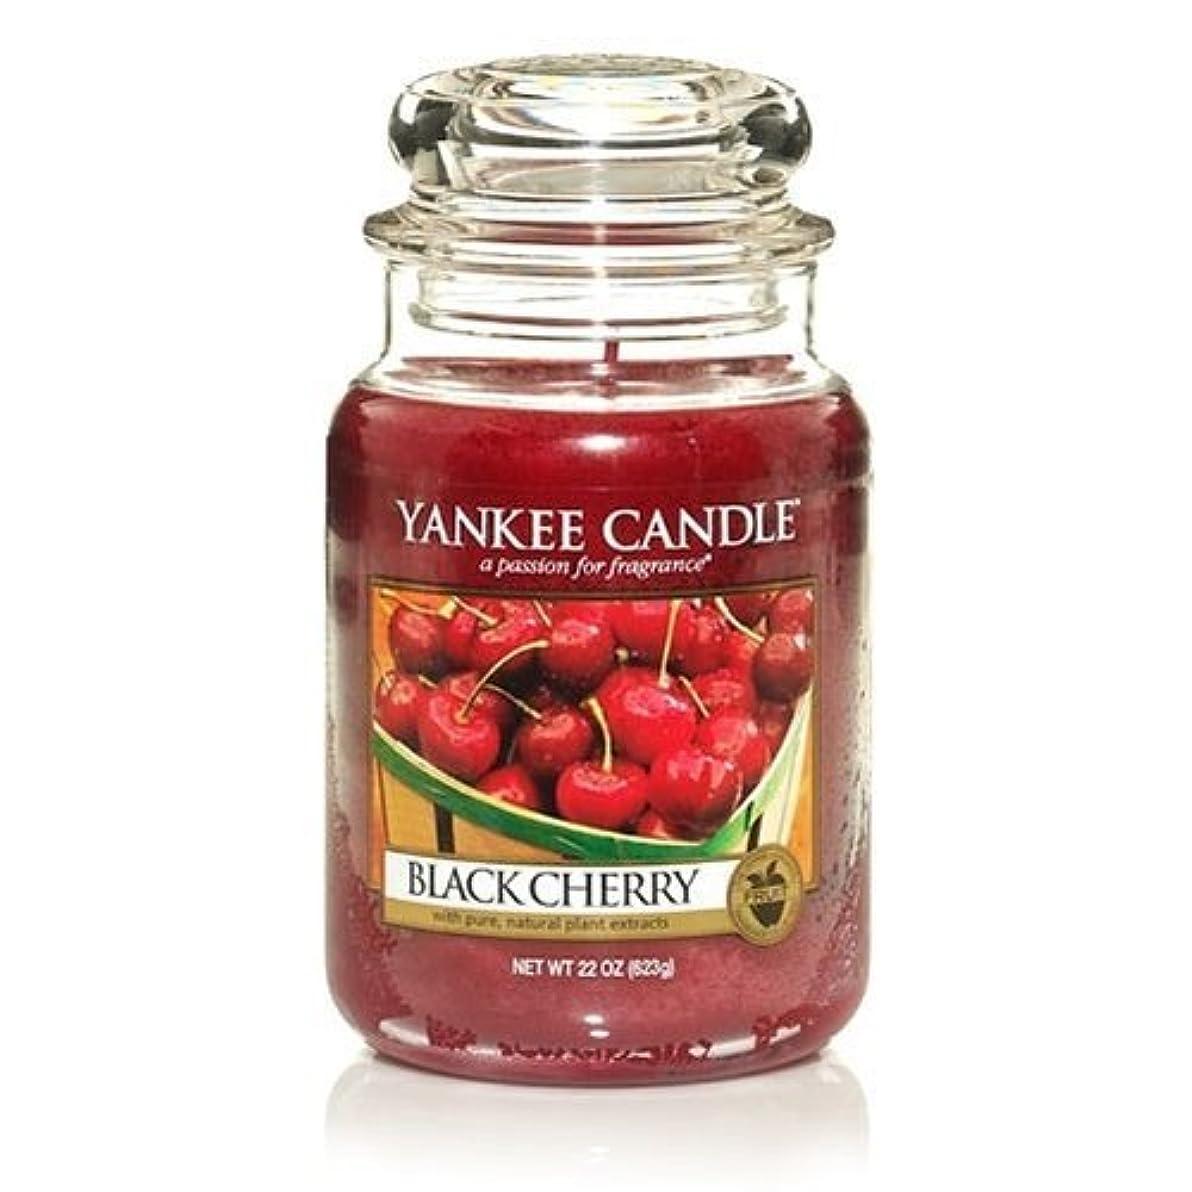 沿ってカリングびっくりYankee Candle Large Black Cherry Jar Candle 1129749 by Yankee Candle [並行輸入品]